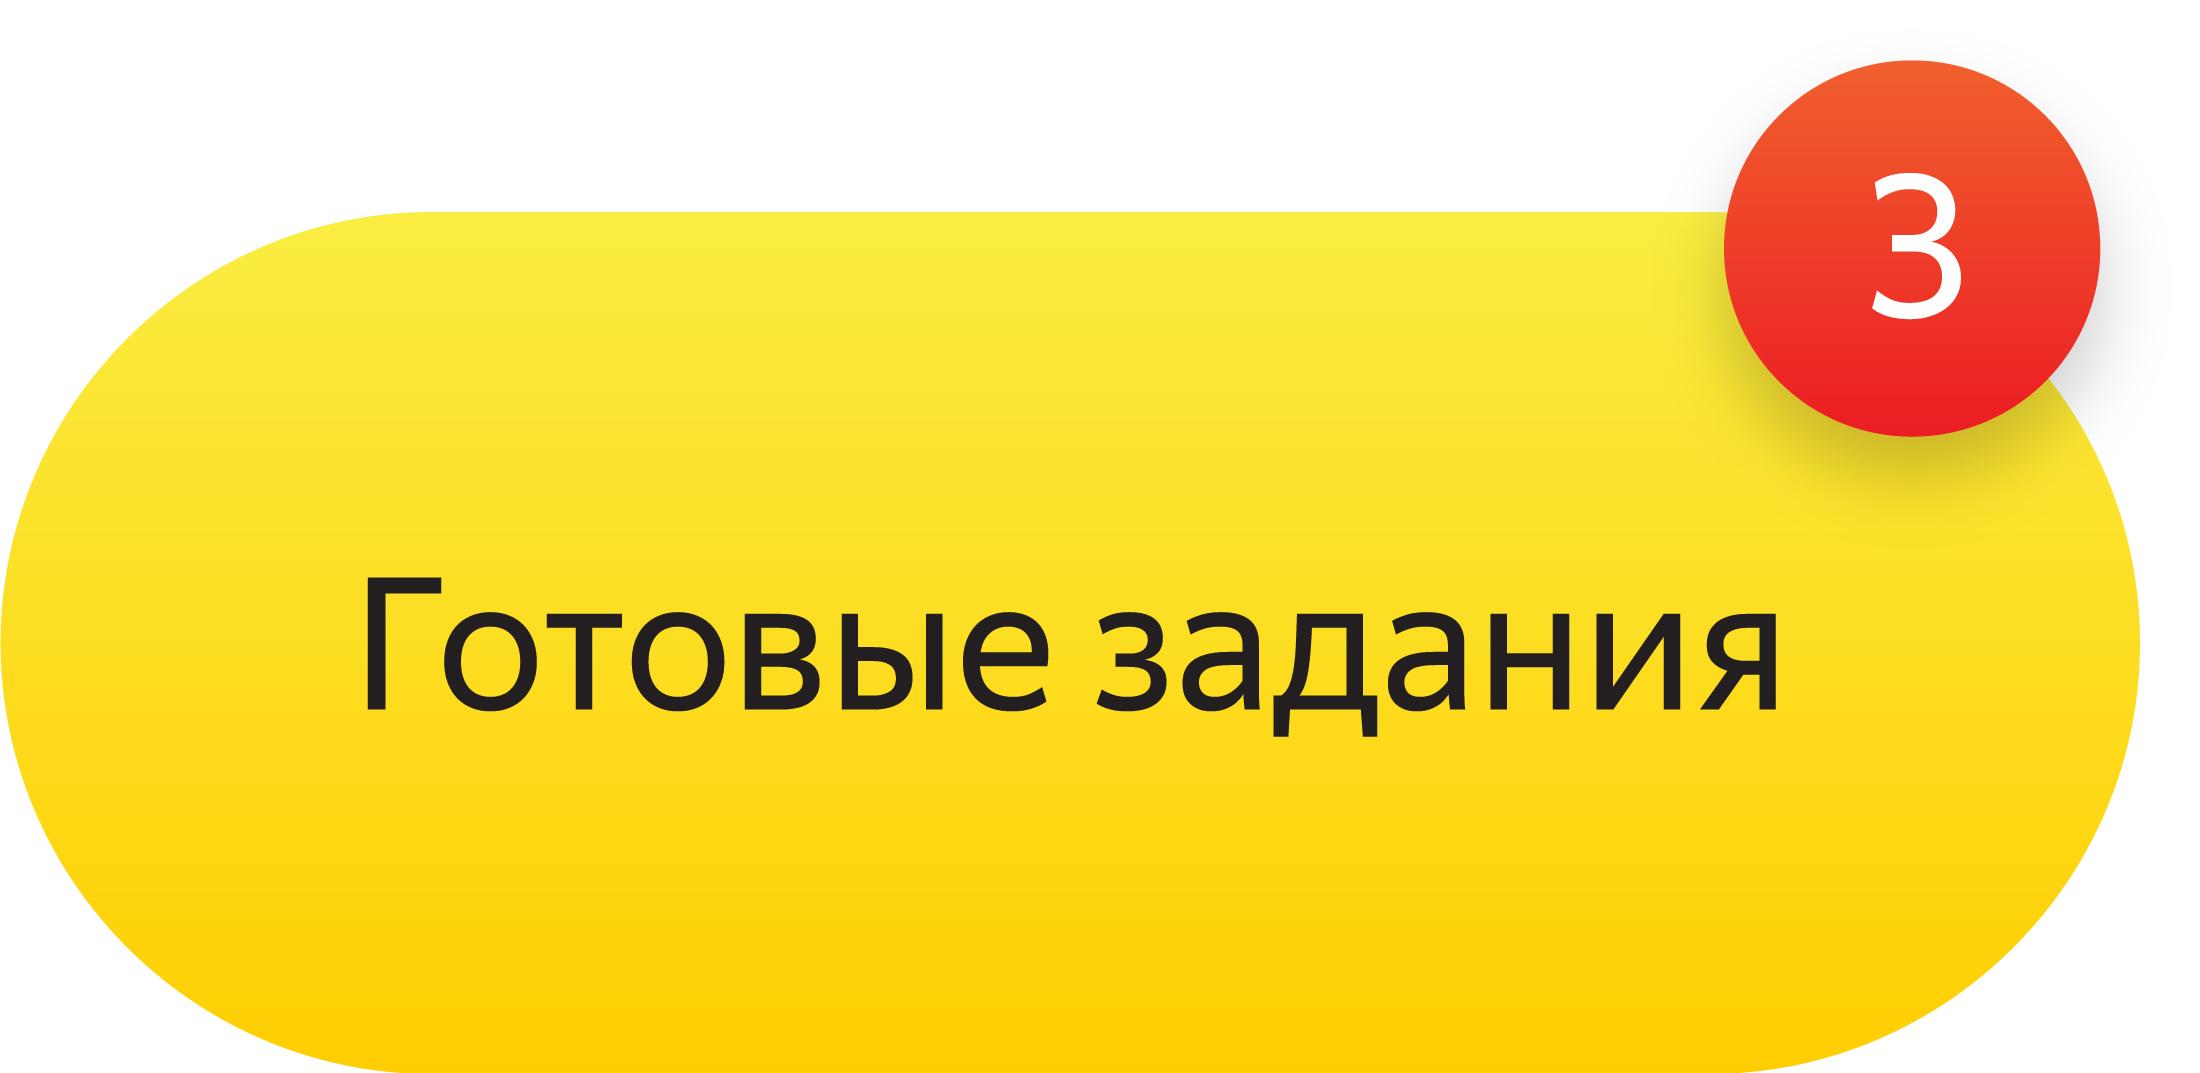 justbenice-yac-4.jpg